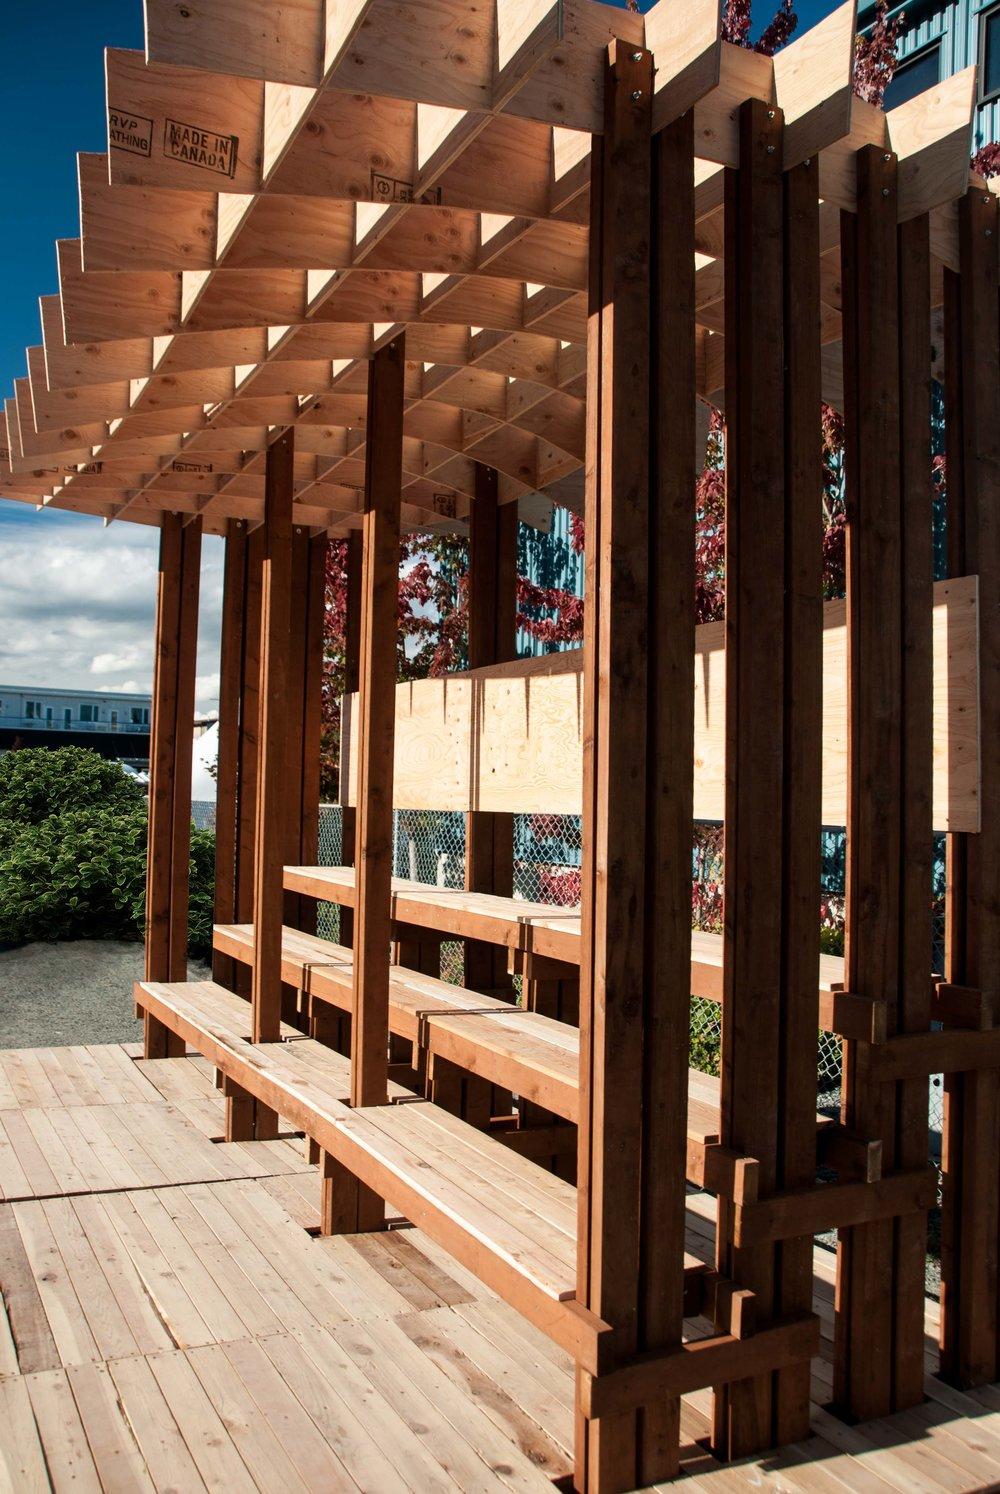 thinklandia waffle pavilion